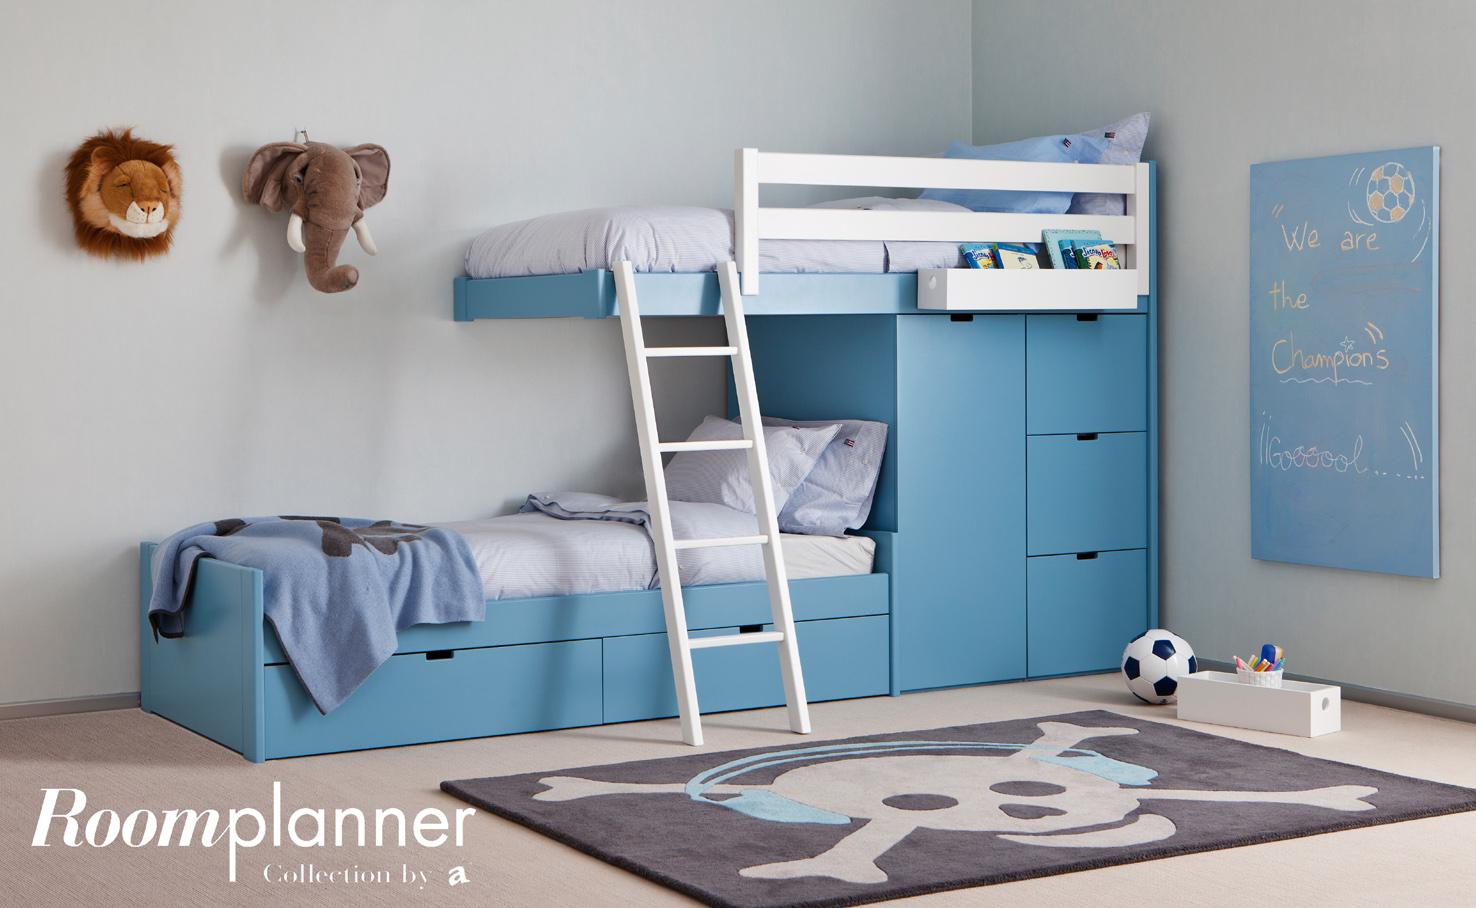 Bb the countrybaby blog habitaciones infantiles compartidas - Habitaciones infantiles compartidas ...